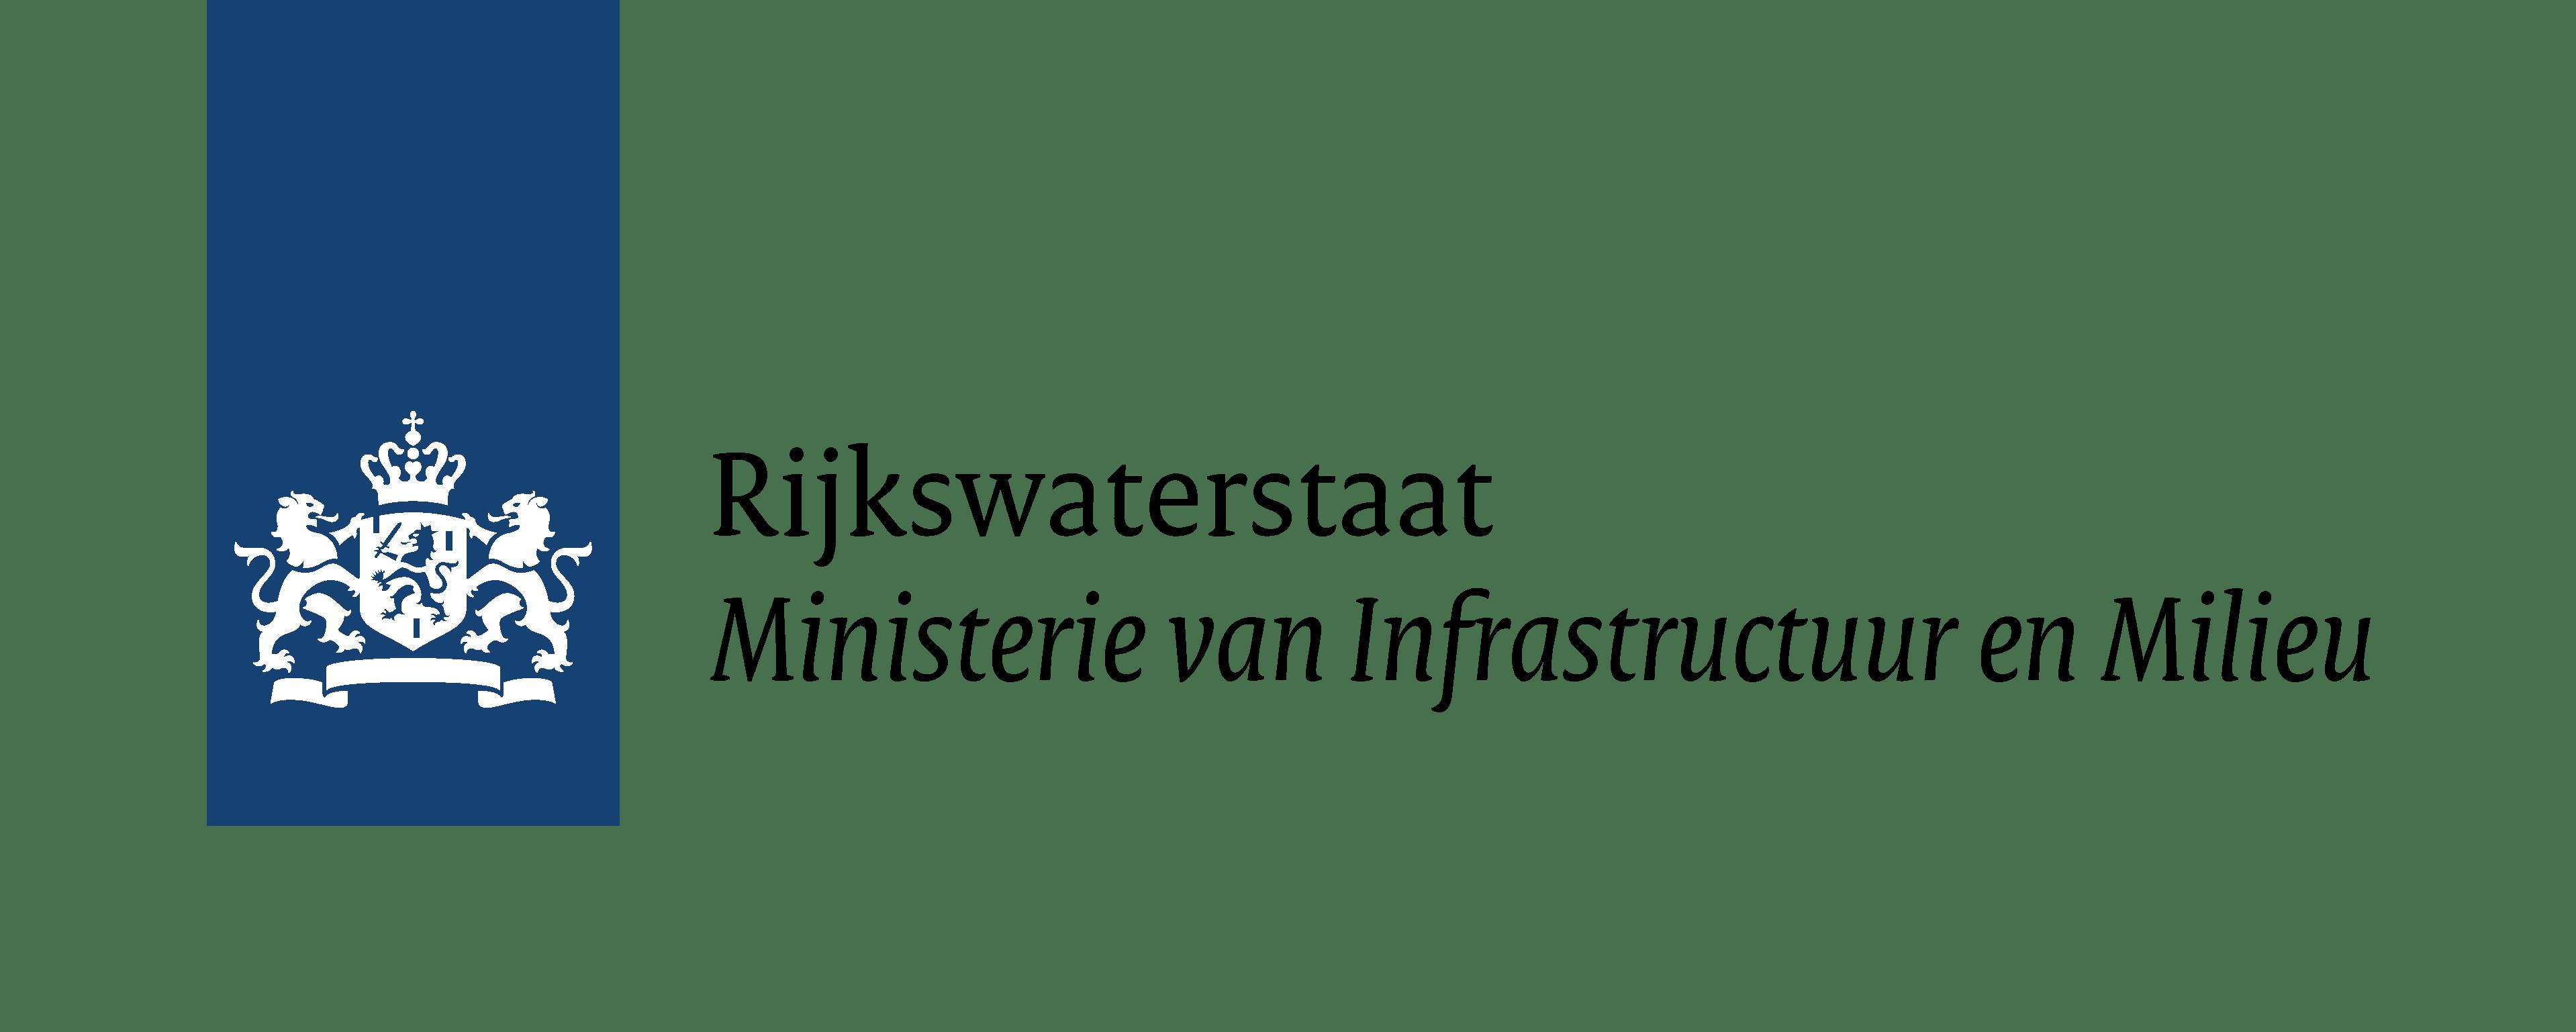 rijkswaterstaat erkend boorregister